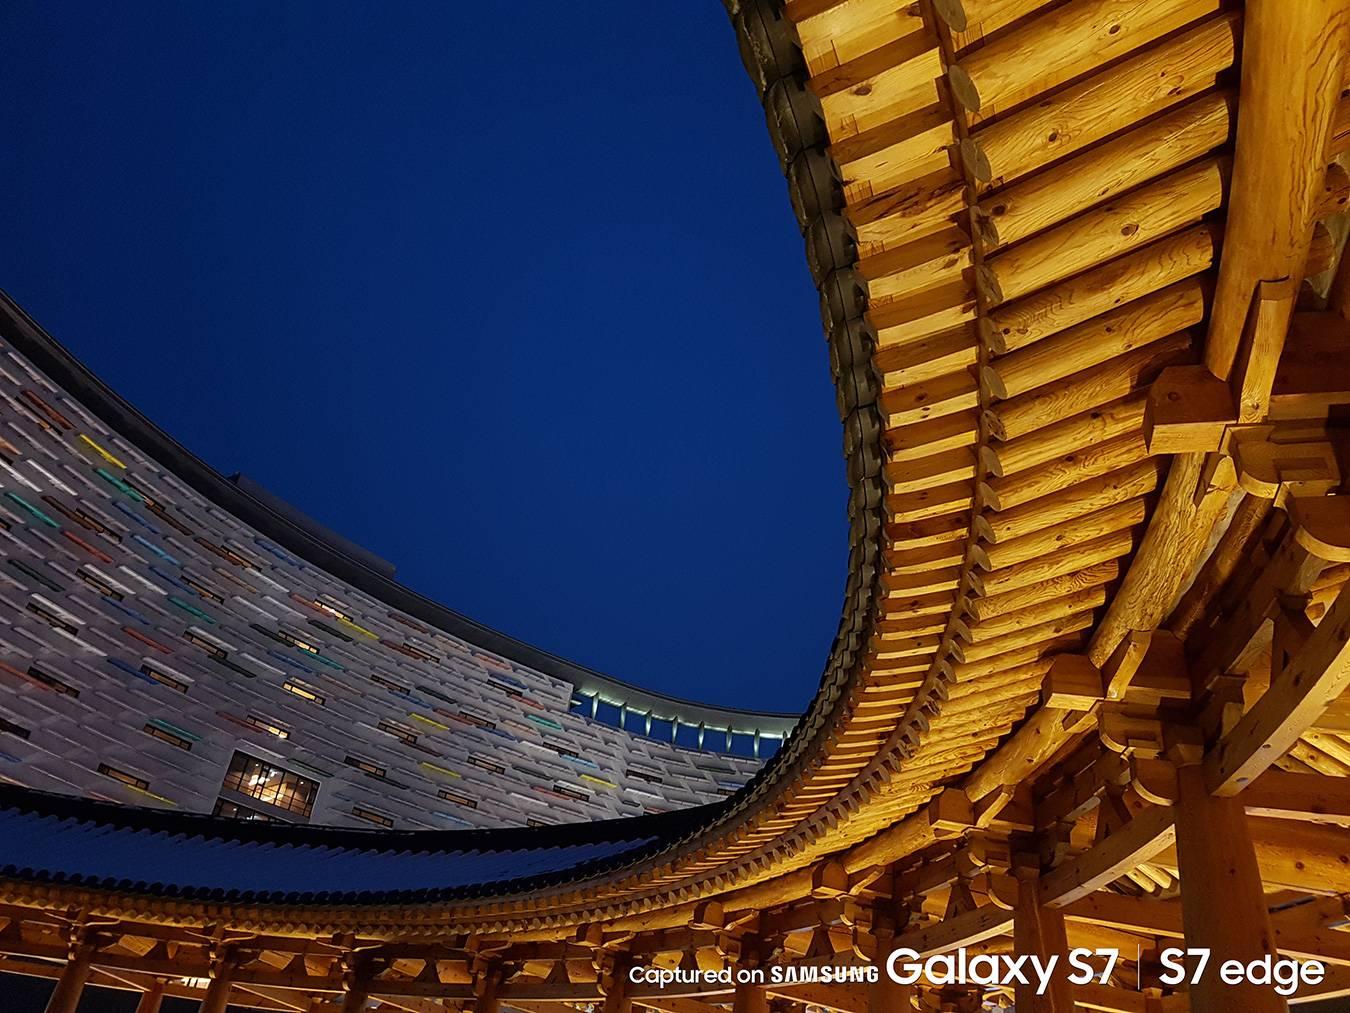 Migliori smartphone – Sony Xperia X vs Samsung Galaxy S7: confronto con foto!